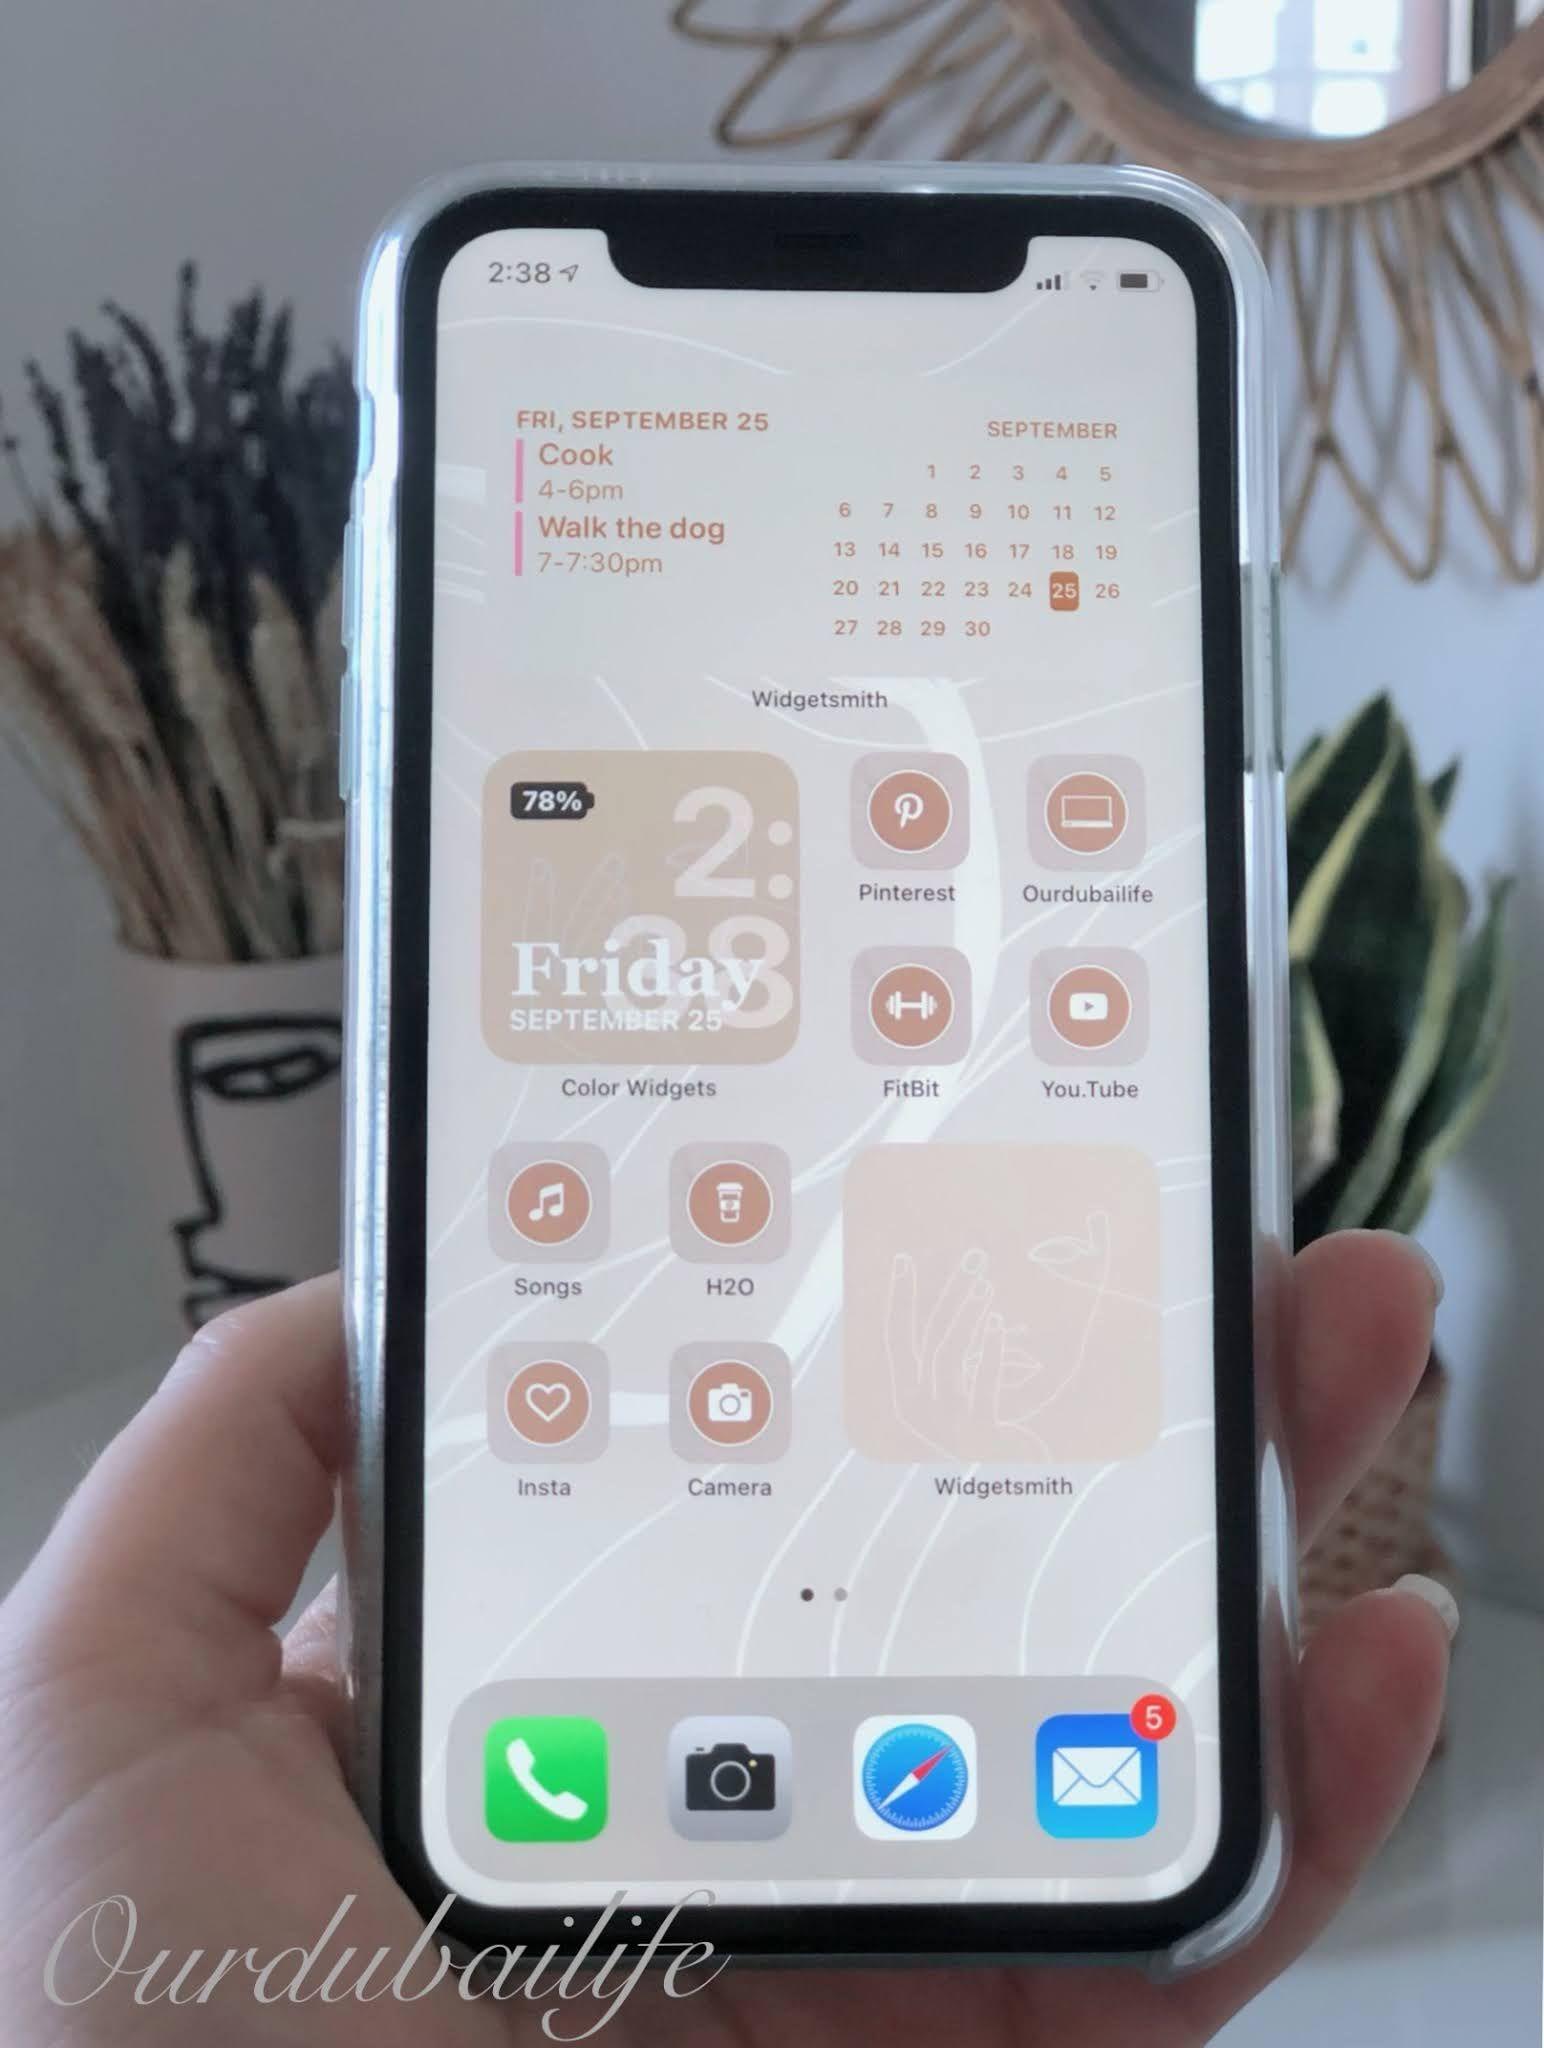 Ios 14 Iphone Aesthetic Inspo Tutorial Iphone Widget Design Iphone App Design